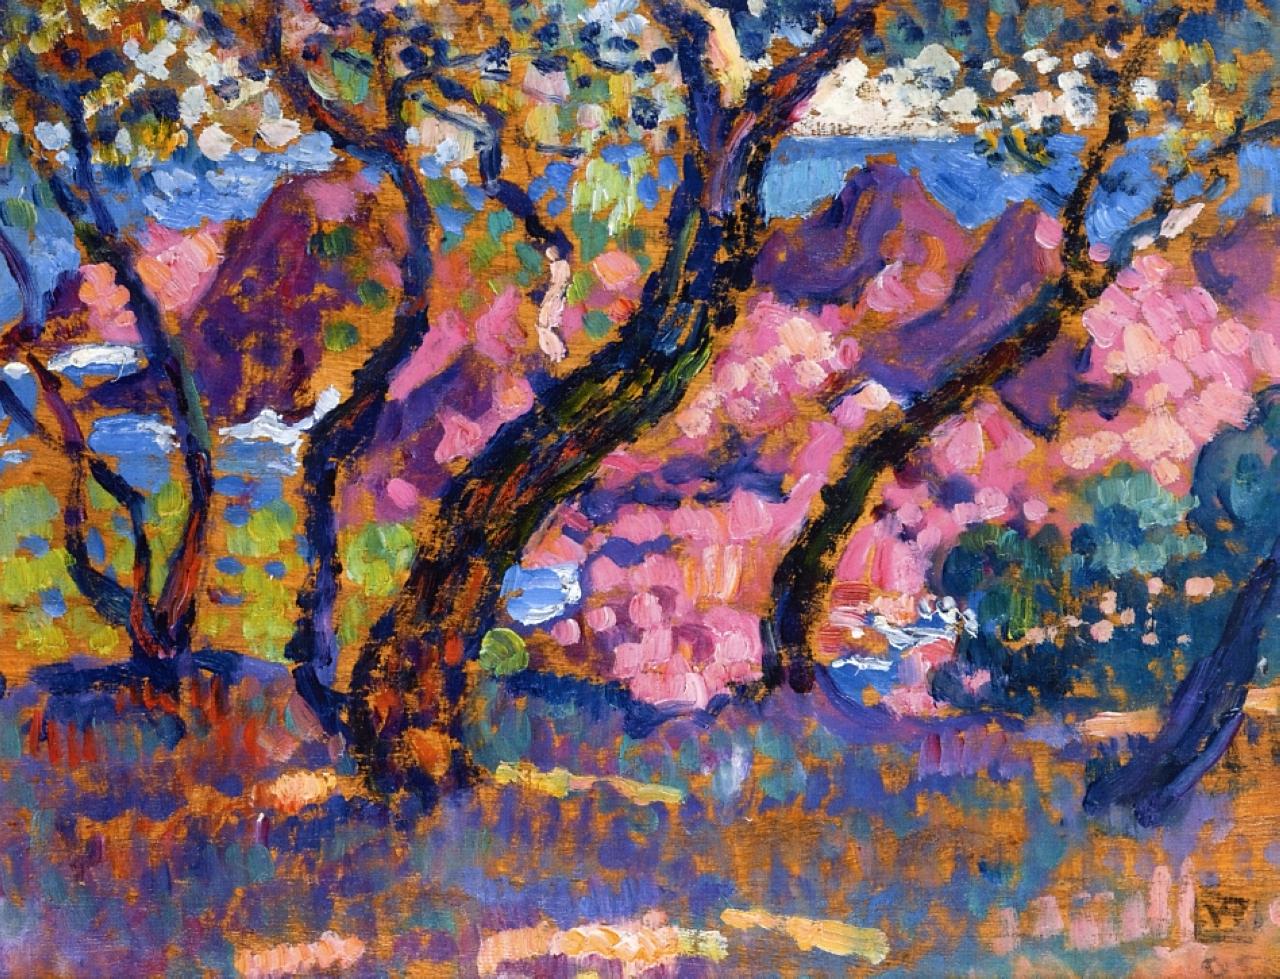 Complètement et à l'extrême The Pine Tree at St. Tropez, 1909 - Paul Signac - WikiArt.org @AM_34